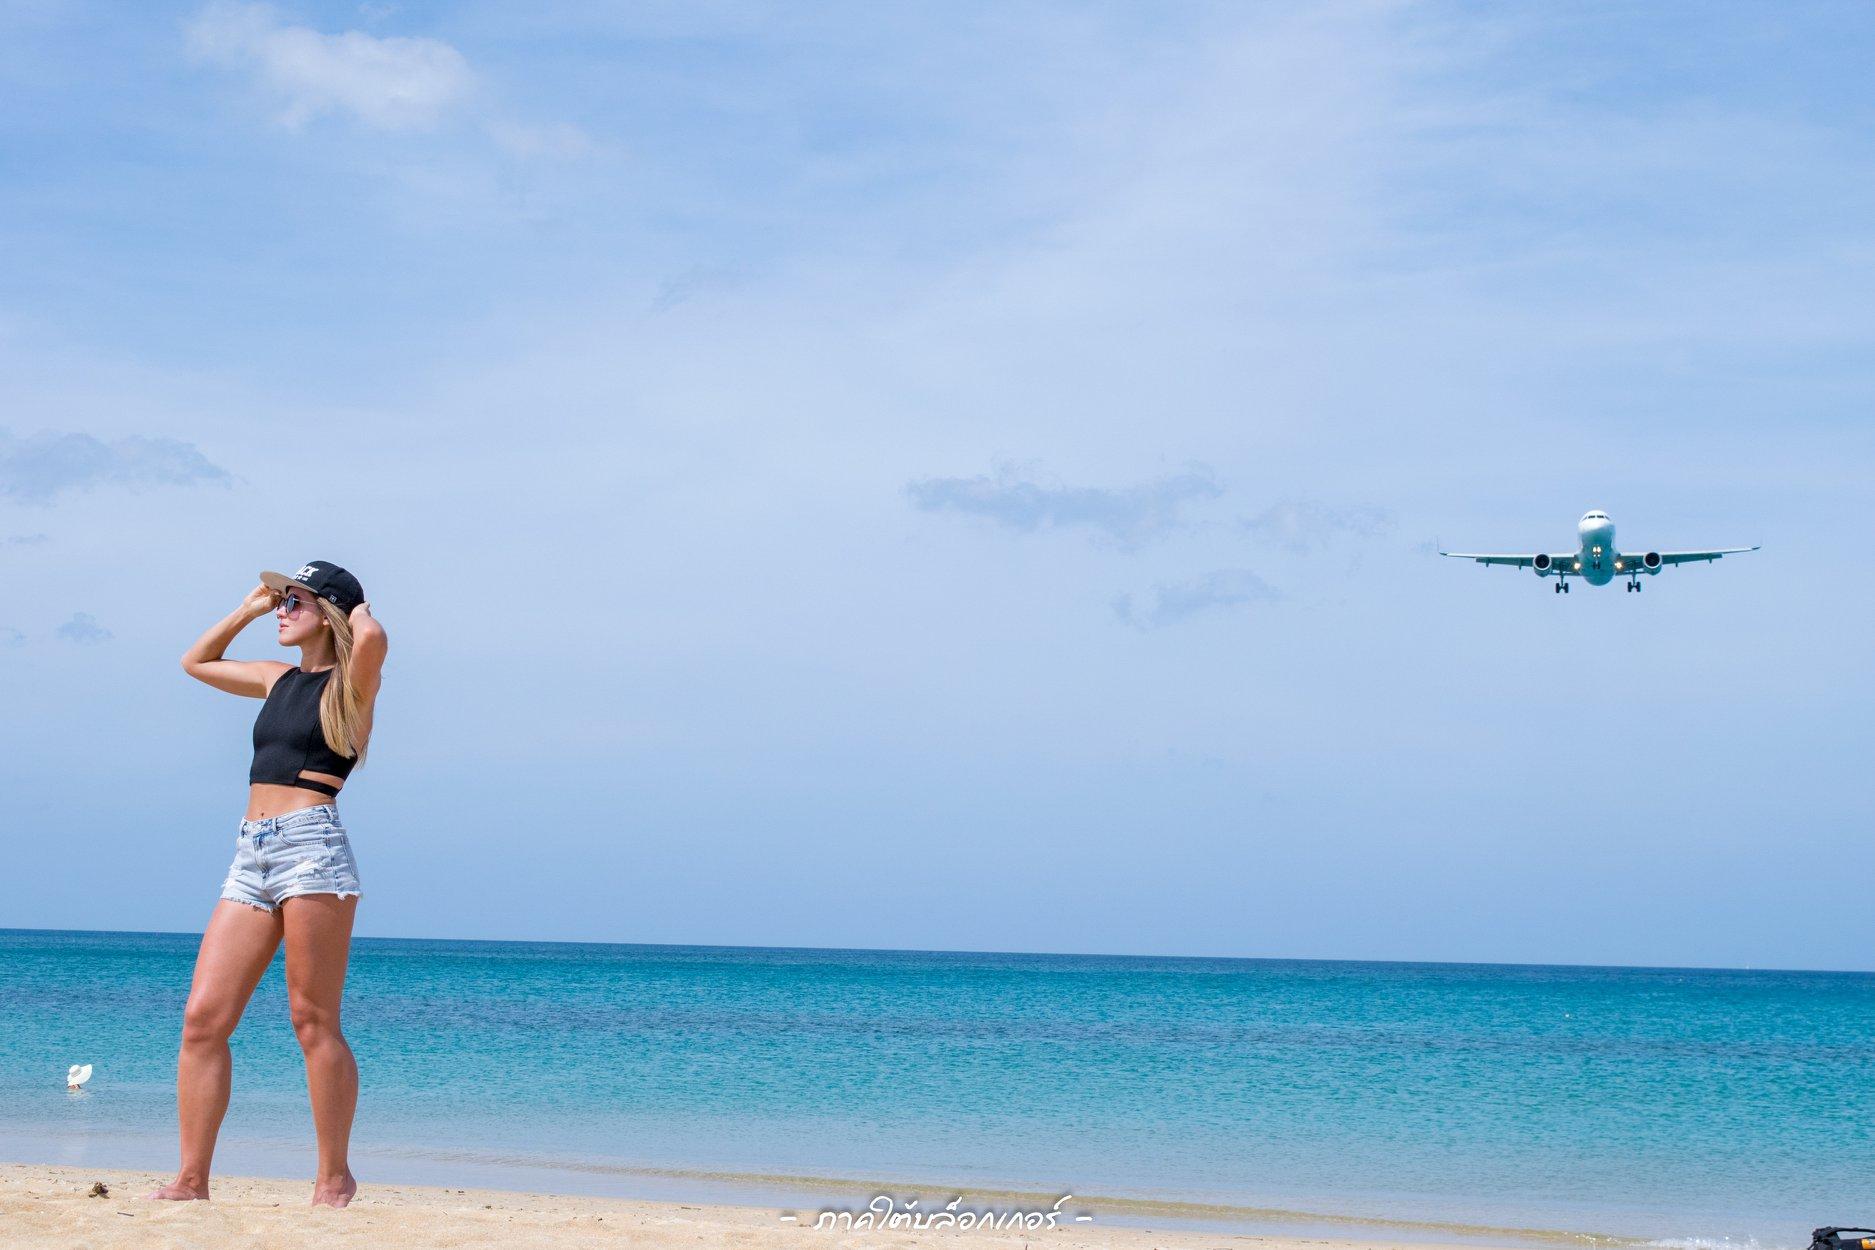 5.-หาดไม้ขาว-ภูเก็ต-ความสวยงามของทะเลบวกกับวิวที่เครื่องบินแล่นผ่านทำให้เราได้รูปสวยๆติดทั้งทะเลทั้งเครื่องบินกันมาครับ ภูเก็ต,สถานที่ท่องเที่ยว,ของกิน,จุดเช็คอิน,ที่เที่ยว,จุดถ่ายรูป